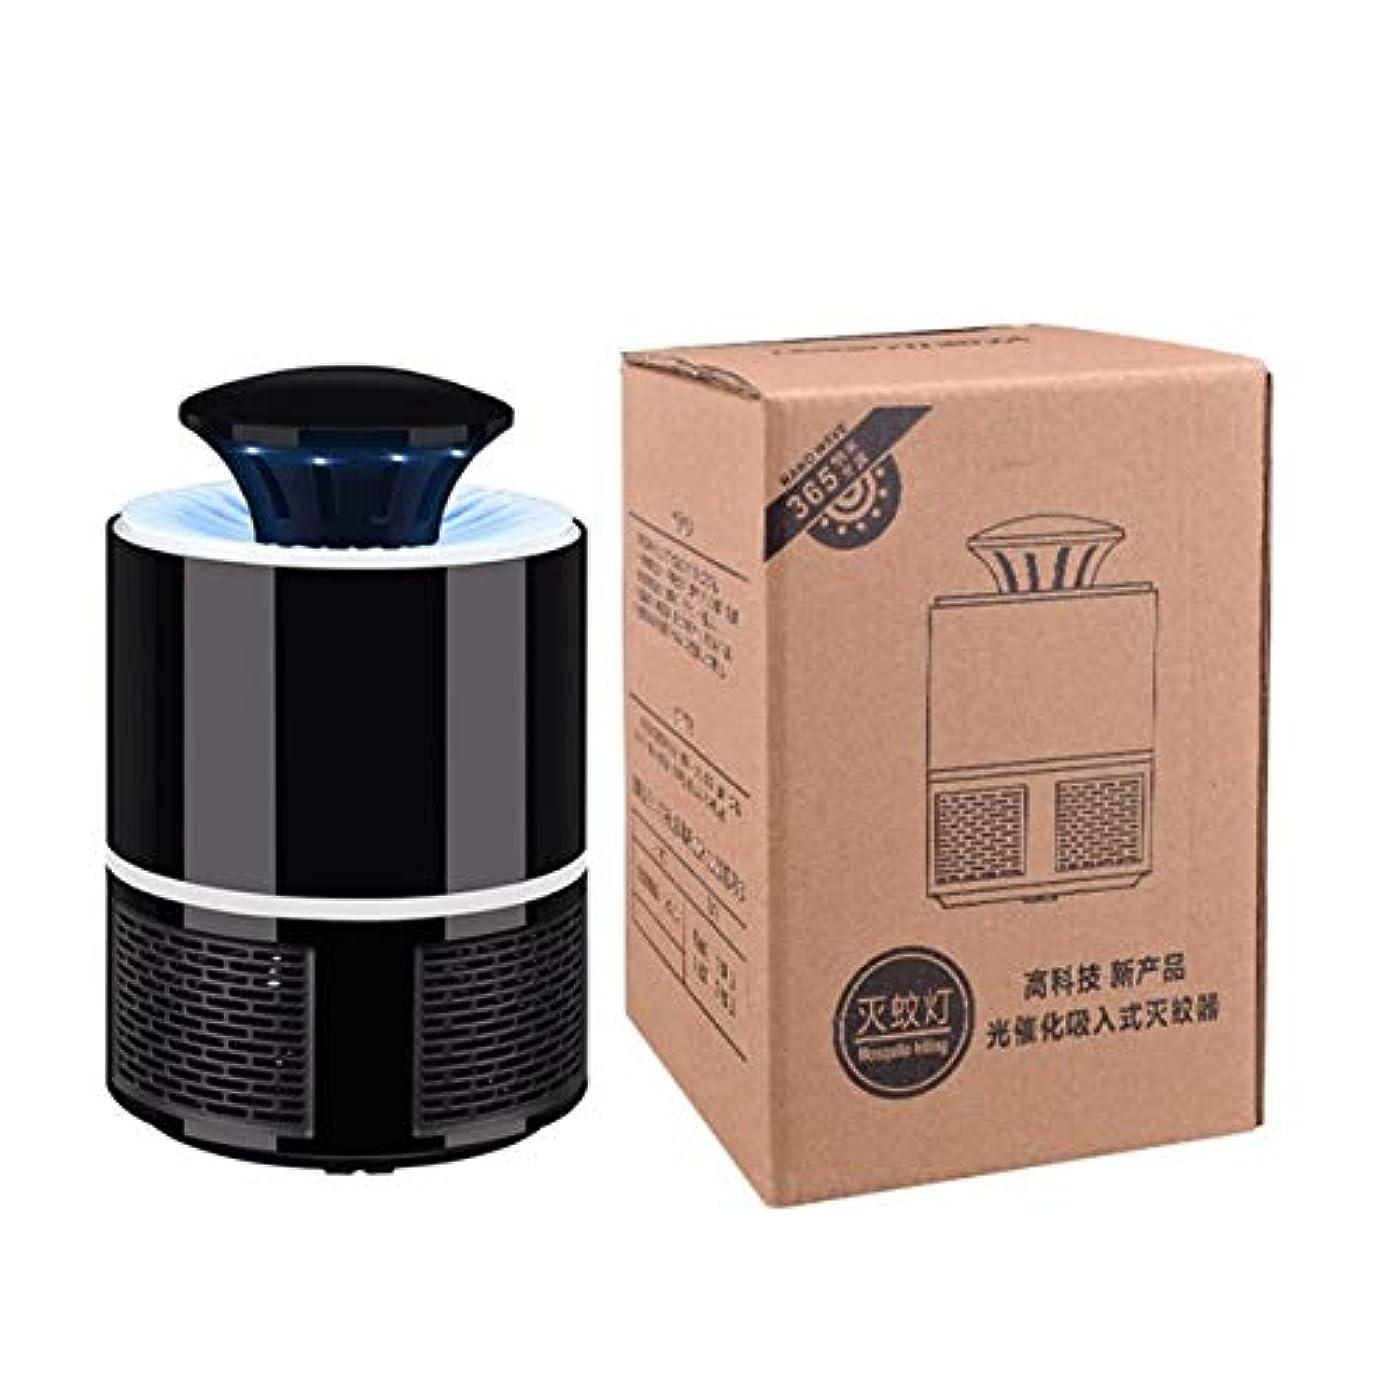 下品センチメートル元気Saikogoods USB無放射電子モスキートキラーライトランプ家庭の使用は USBモスキートトラップバグ昆虫ザッパーLEDライト 黒